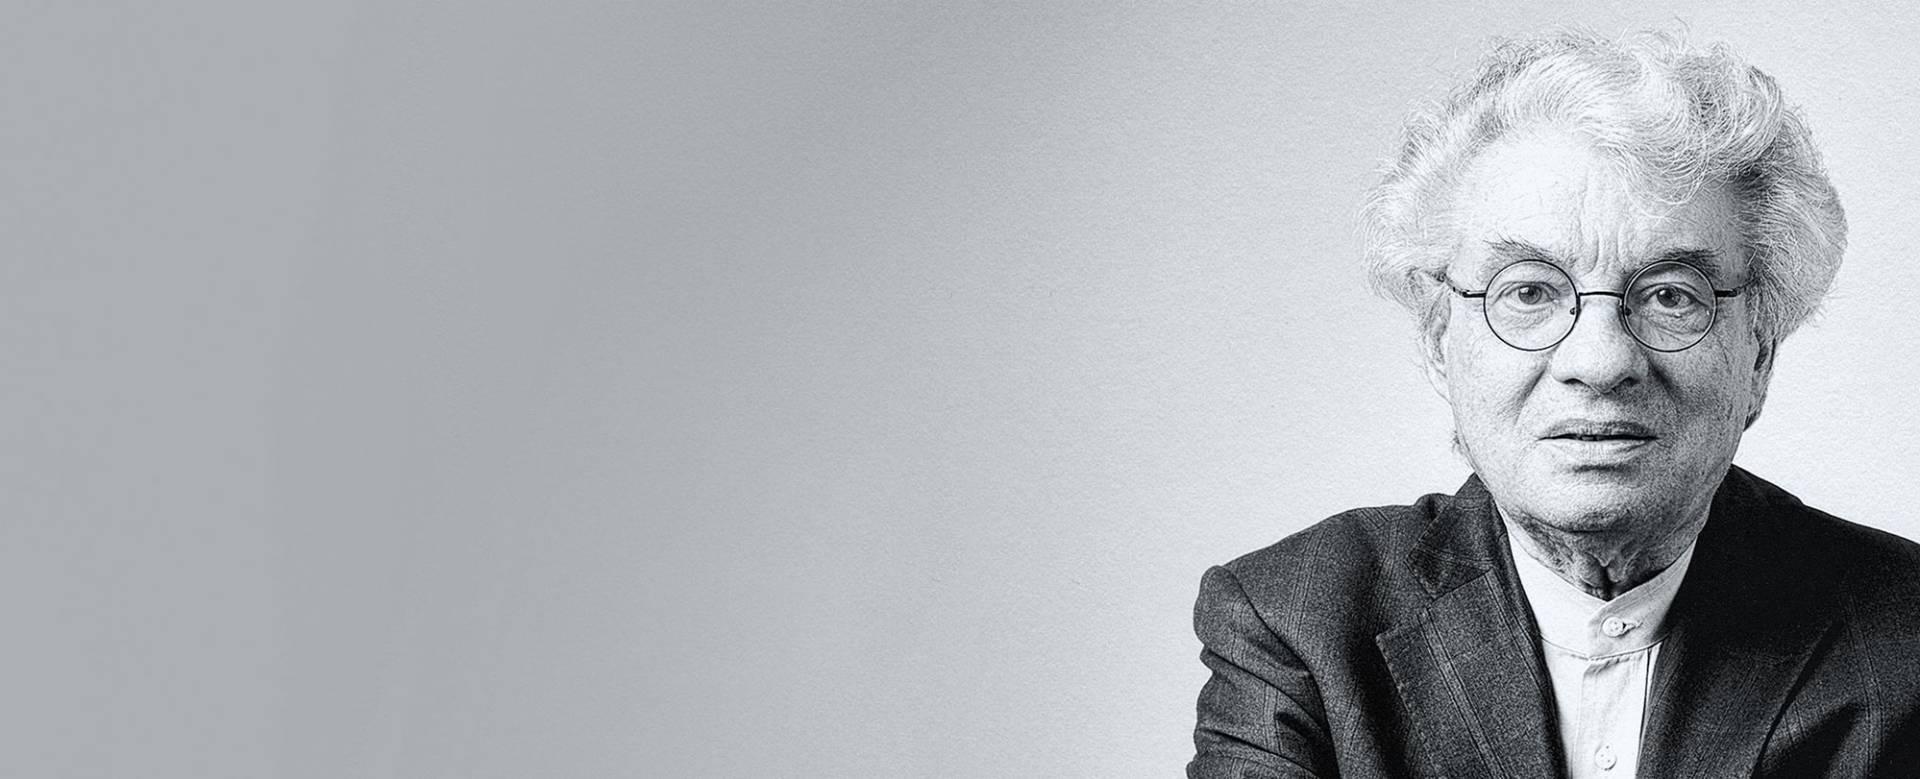 Der Architekt Mario Botta aus Mendrisio